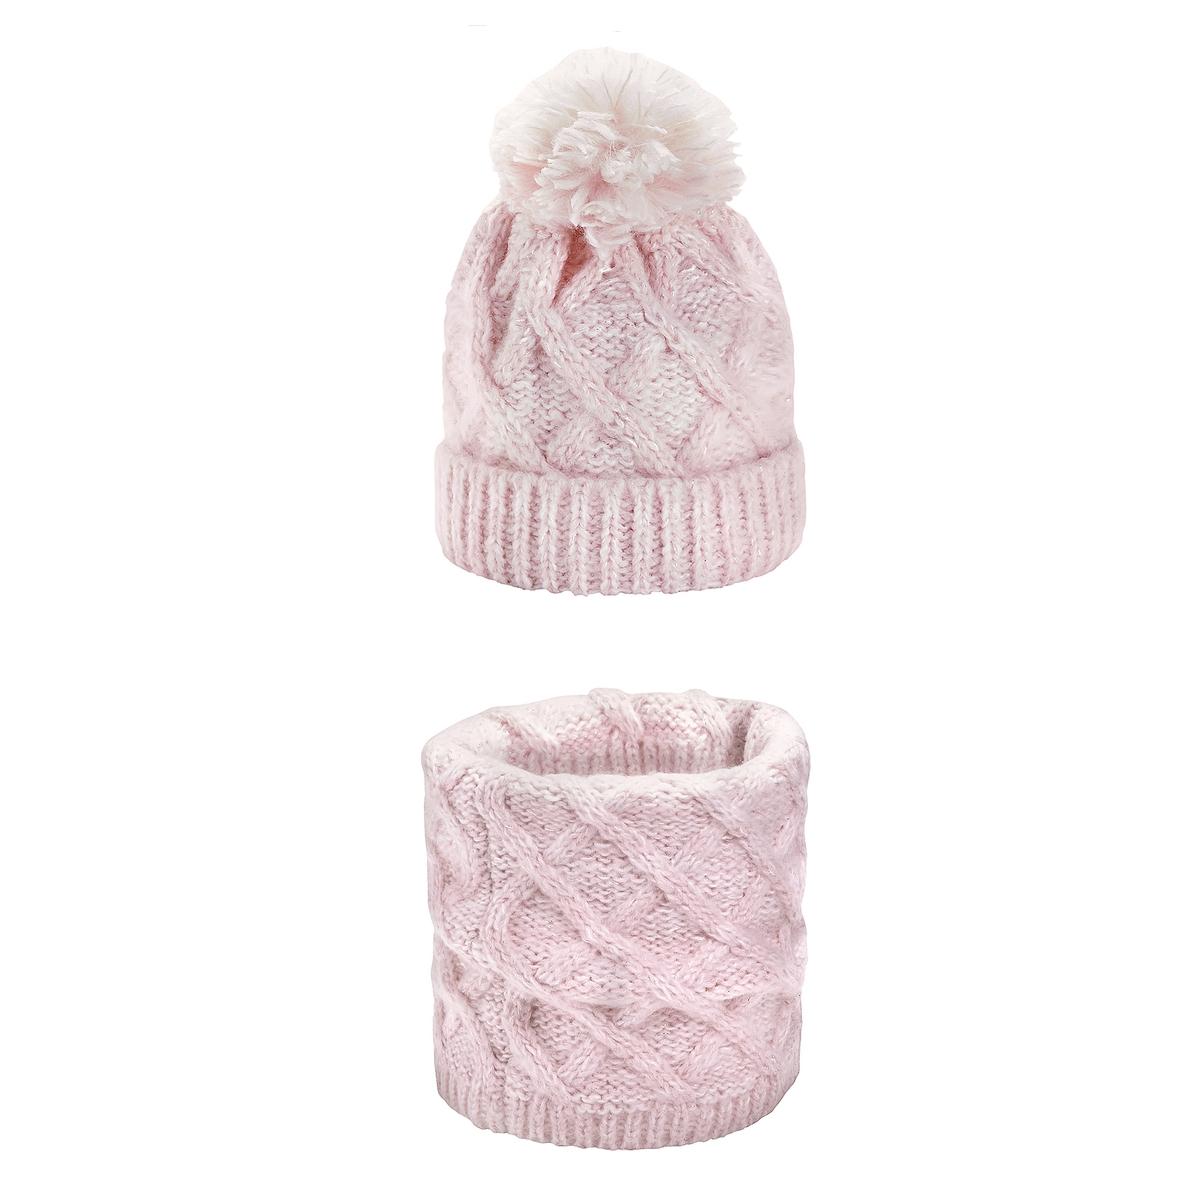 Комплект из шапочки и шарфа La Redoute La Redoute 54 см розовый la redoute la redoute l розовый